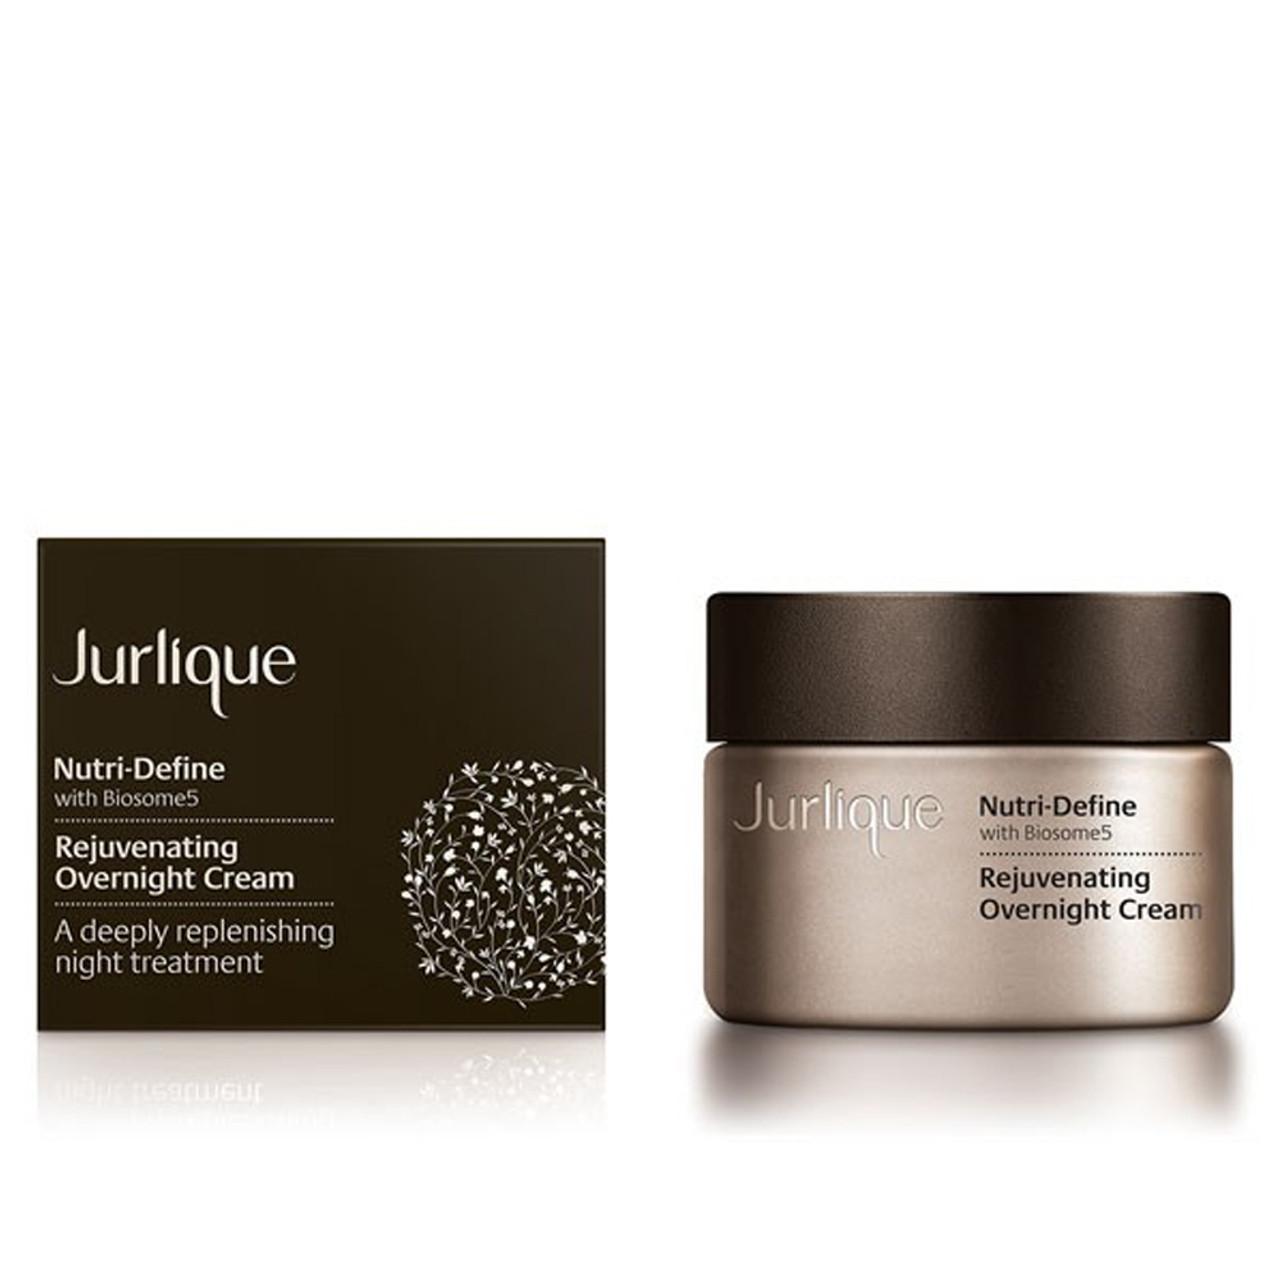 Jurlique Nutri Define Rejuvenating Overnight Cream (discontinued)